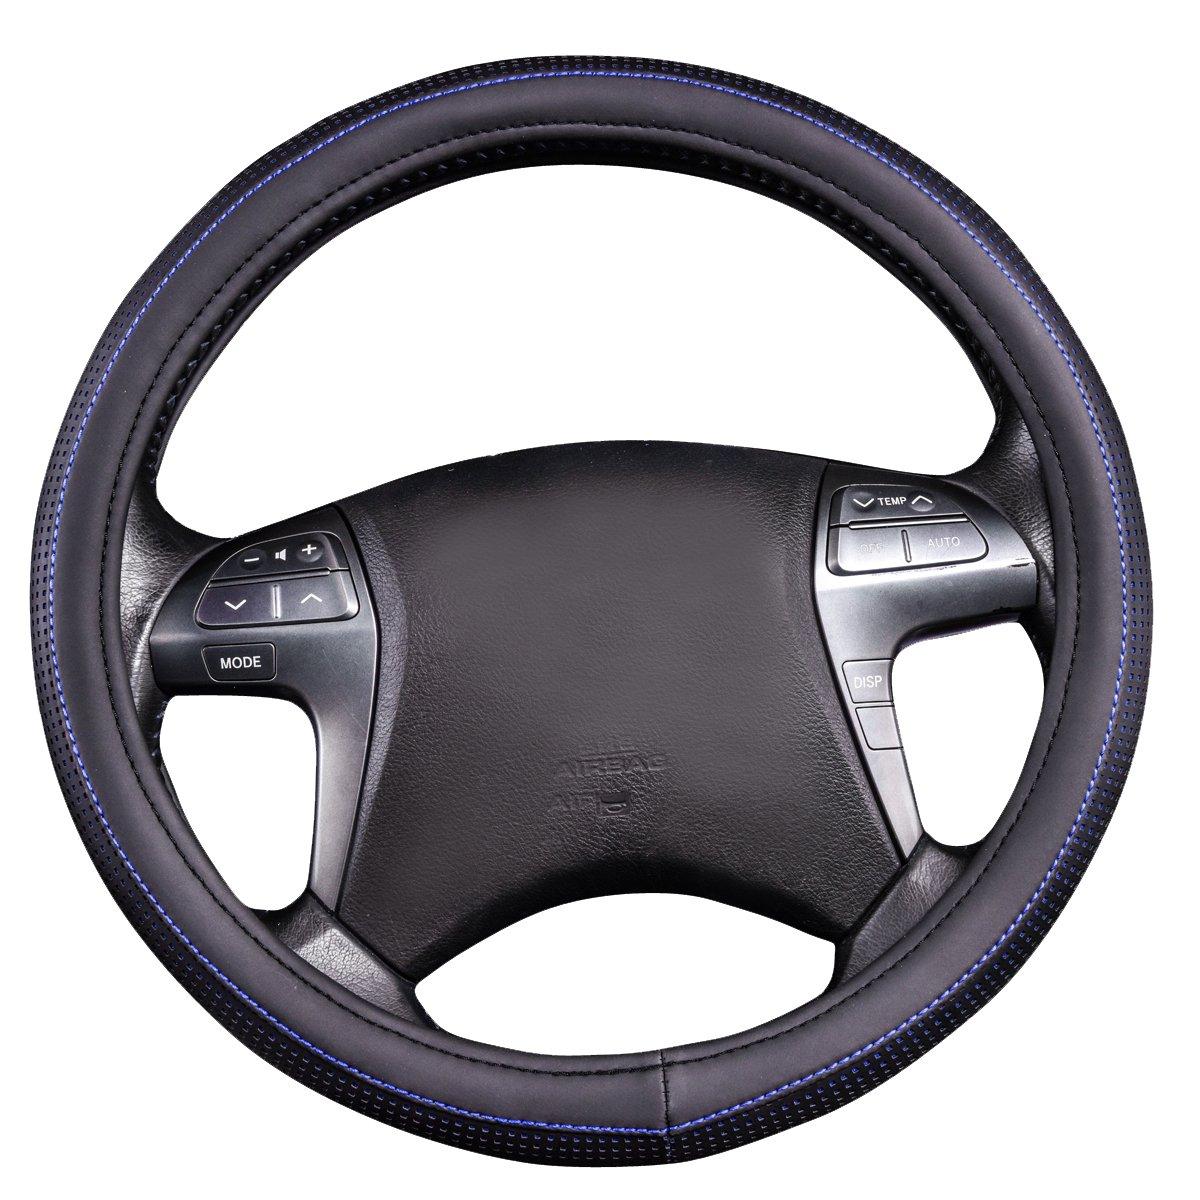 15 CAR PASS Universal cuero Forma Microfibra Suave Funda para Volante Cubierta del Volante del Coche Universal Di/ámetro 38cm